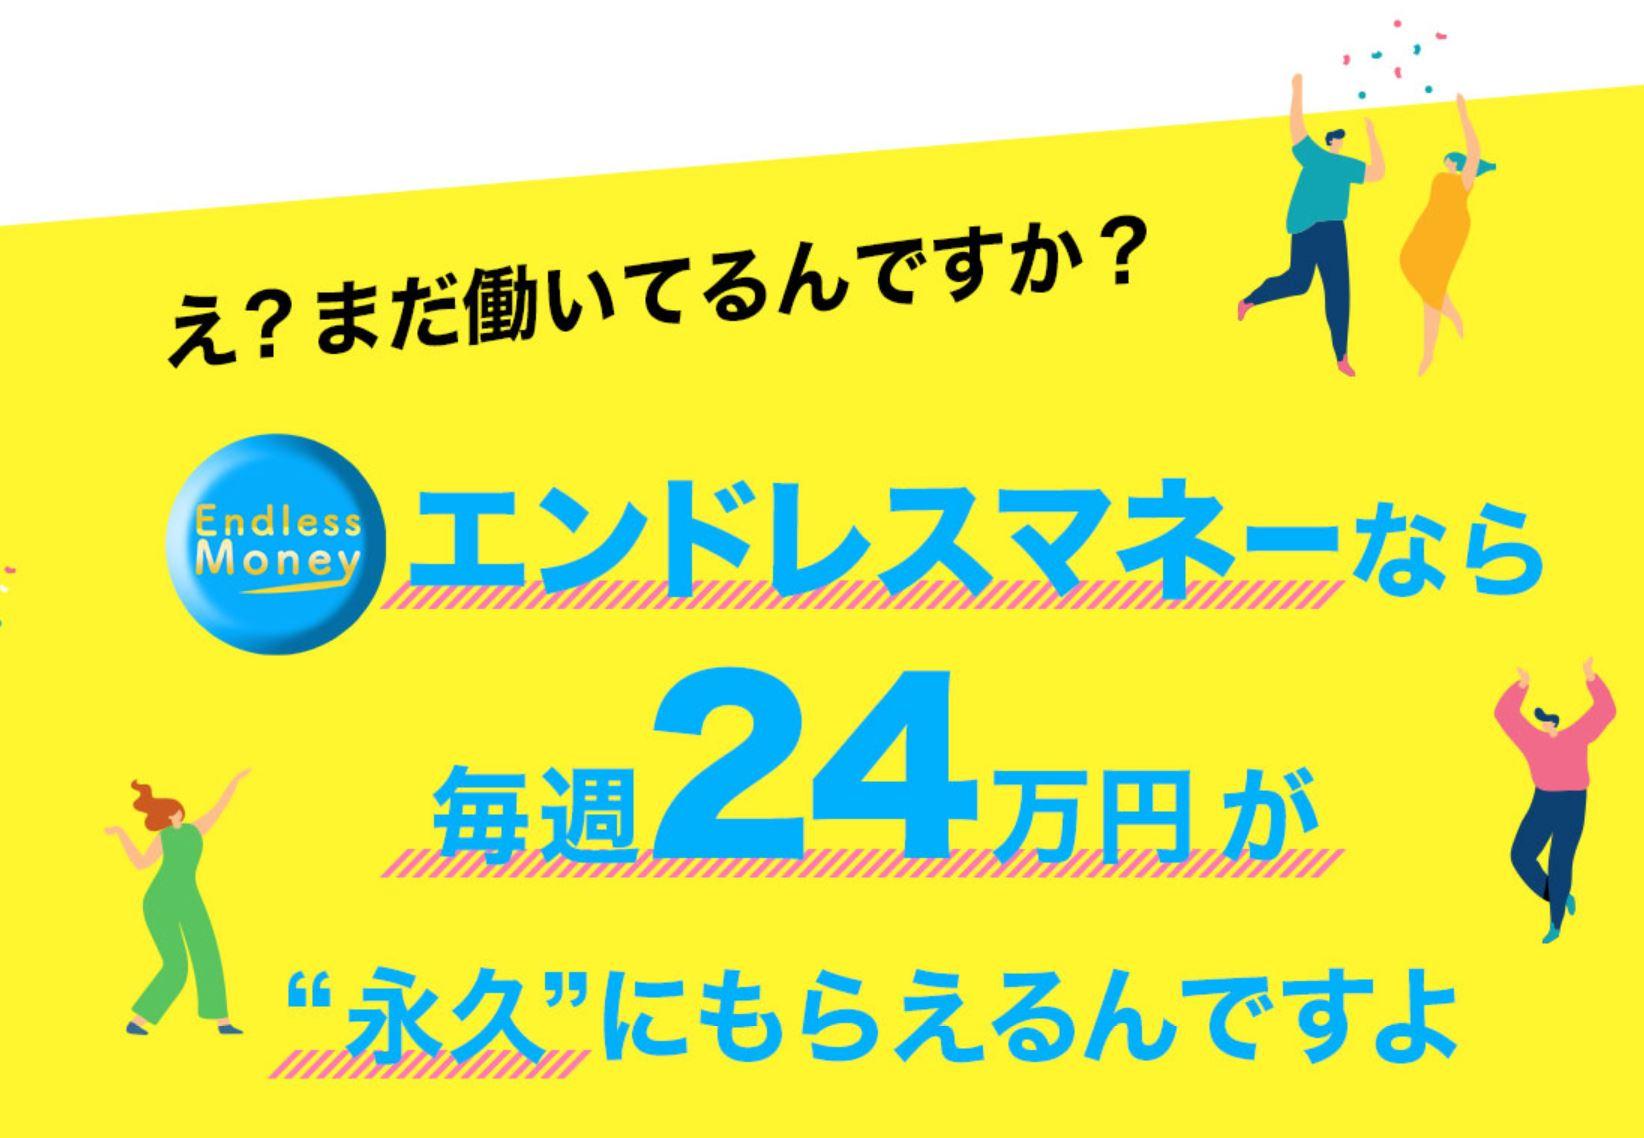 エンドレスマネー 永久に毎週24万円稼げるのは本当? 副業案件調査